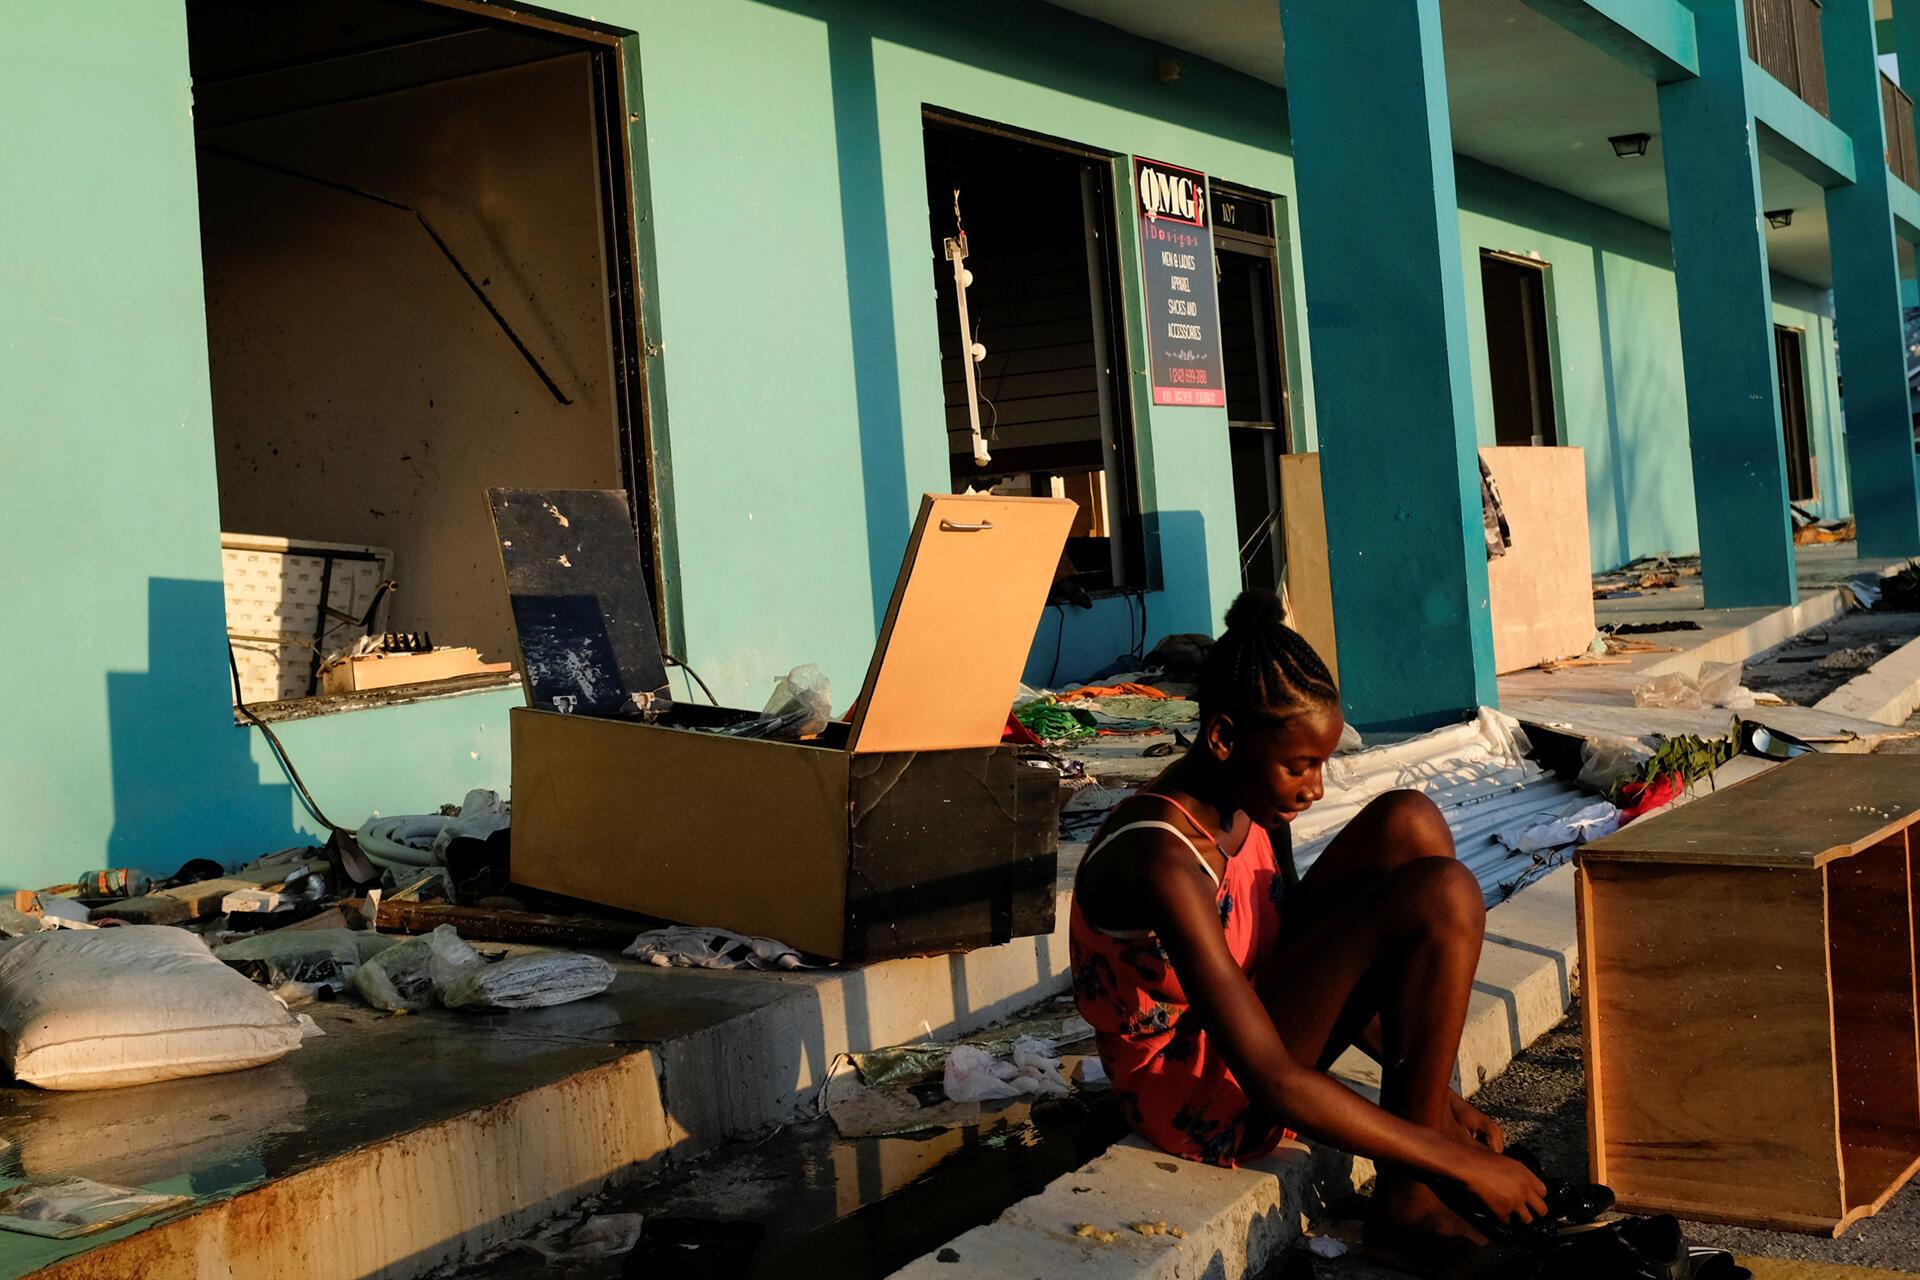 Une femme essaye des chaussures devant un magasin pillé après que l'ouragan Dorian ait frappé les îles Abaco à Marsh Harbour, aux Bahamas, le 5 septembre 2019.